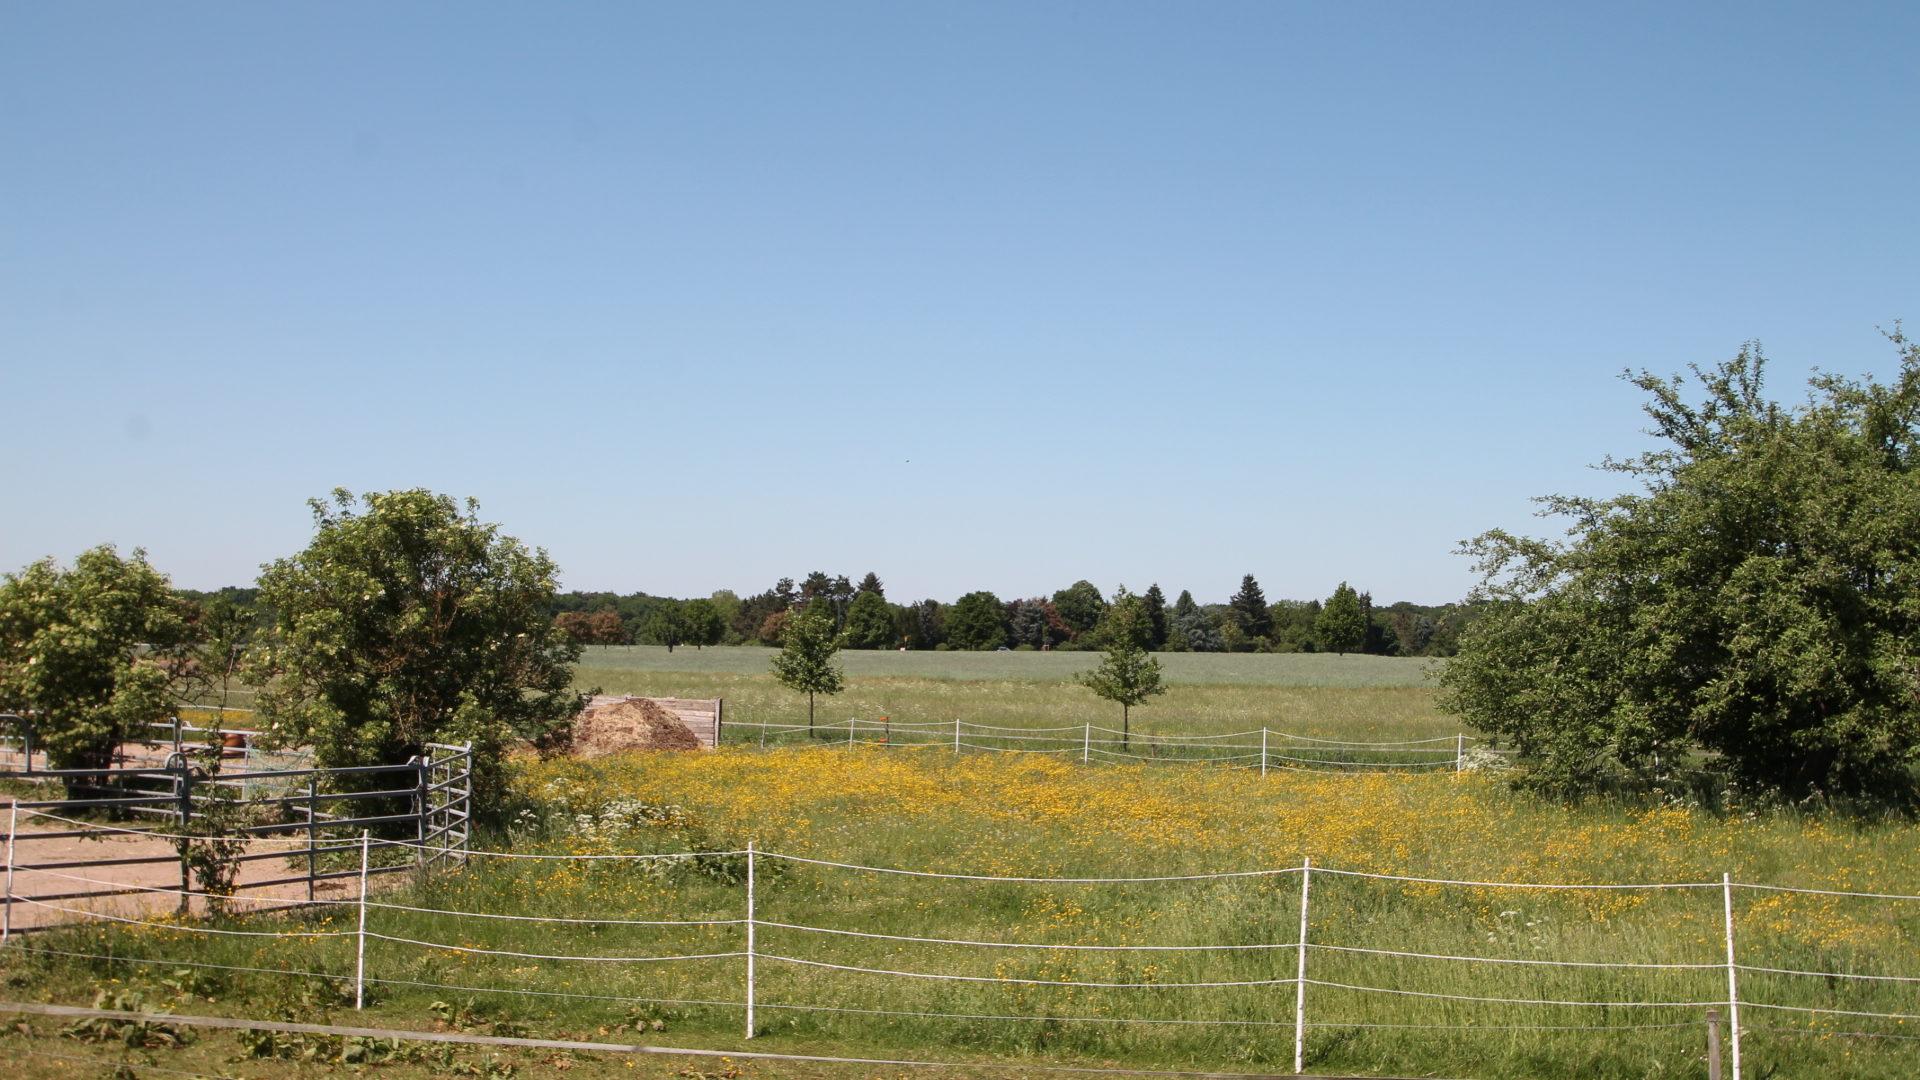 Exklusives Wohnen in Feldrandlage mit großem Gartenanteil *Provisionsfrei & Schlüsselfertig* 1